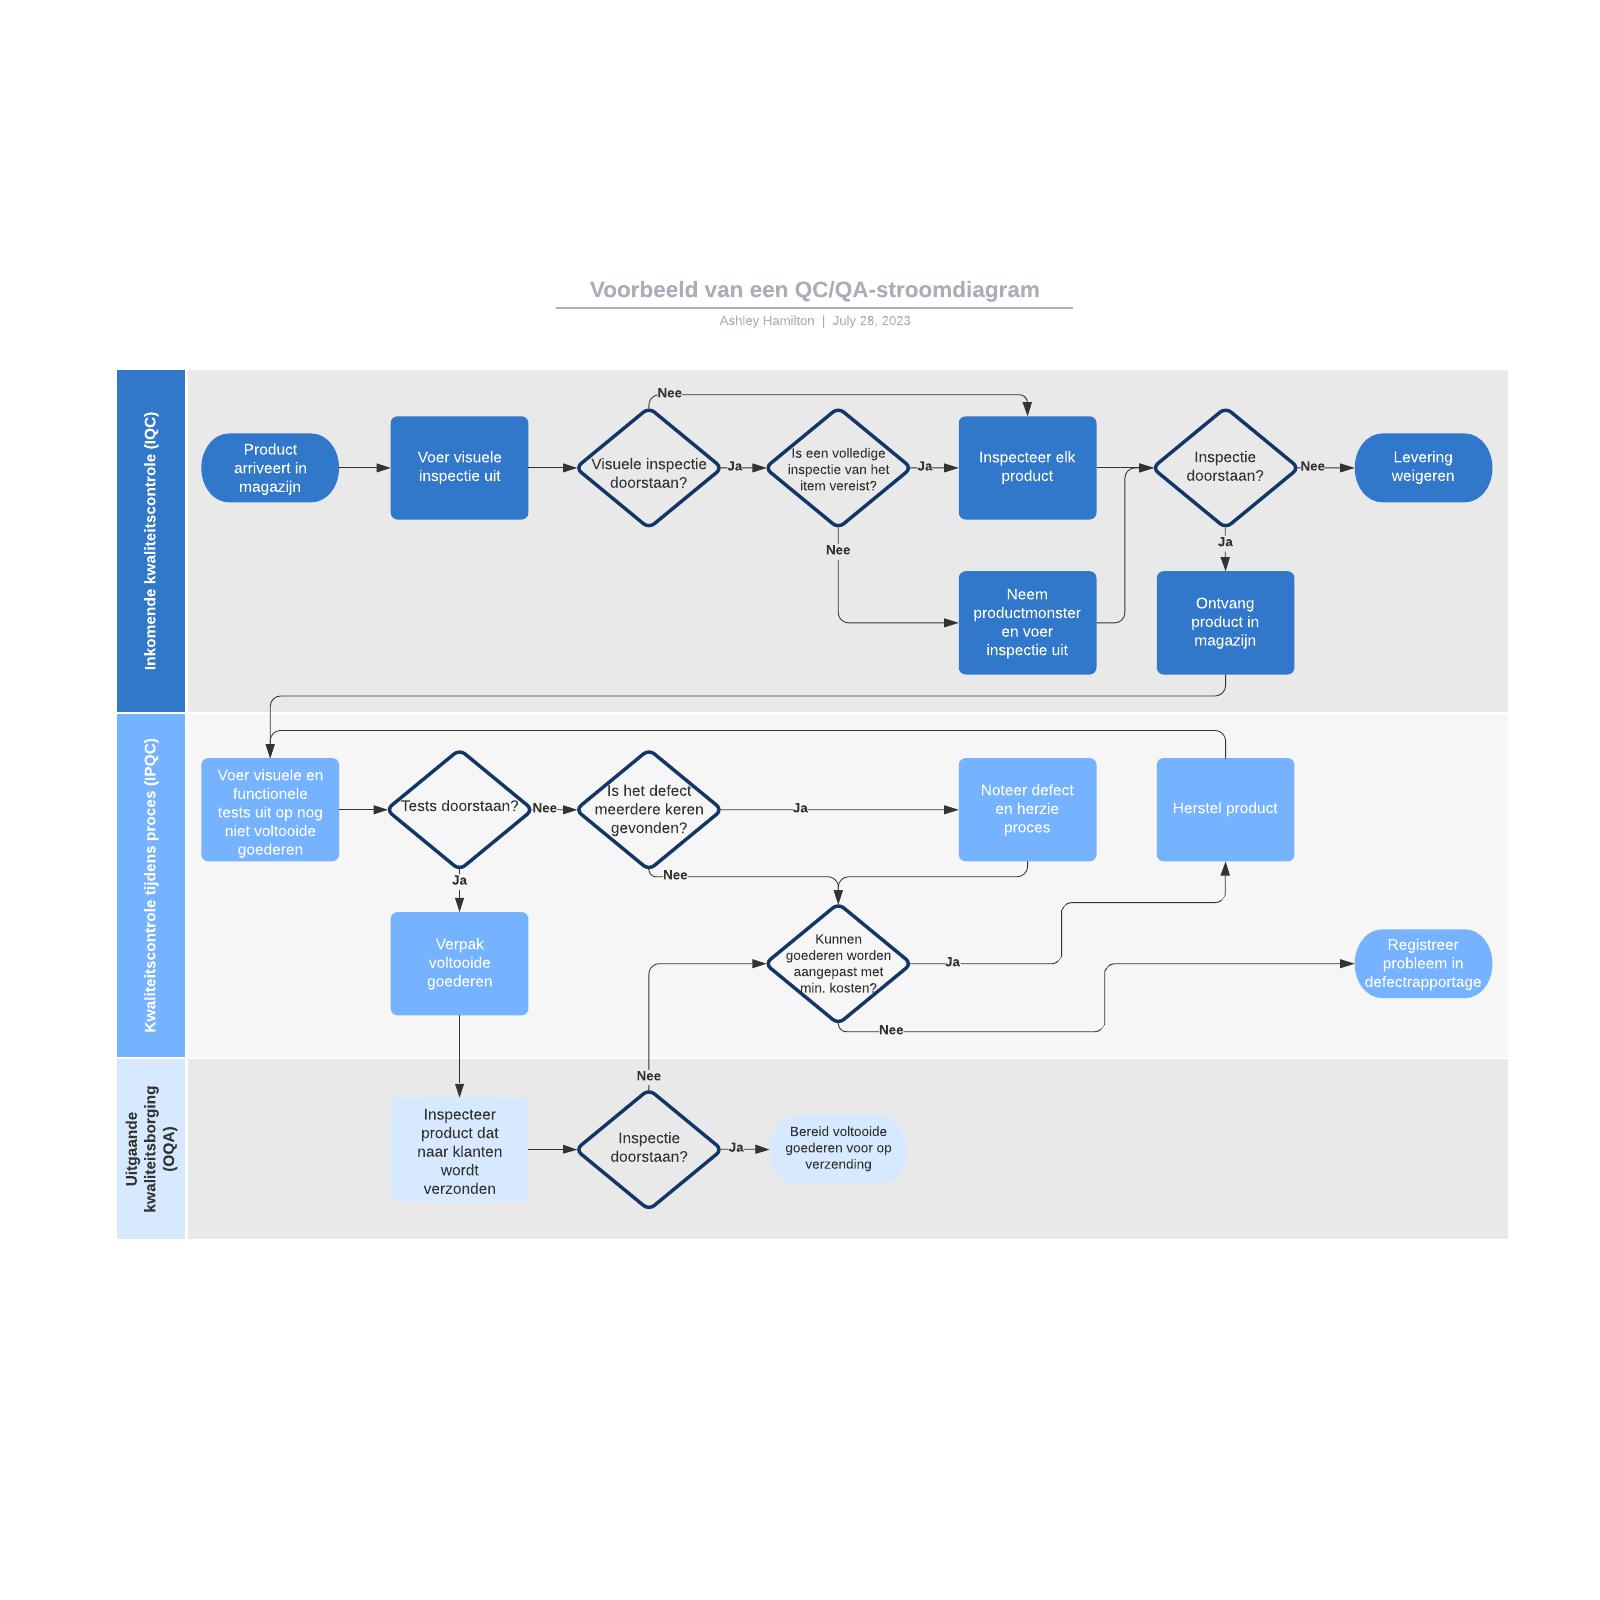 Voorbeeld van een QC/QA-stroomdiagram